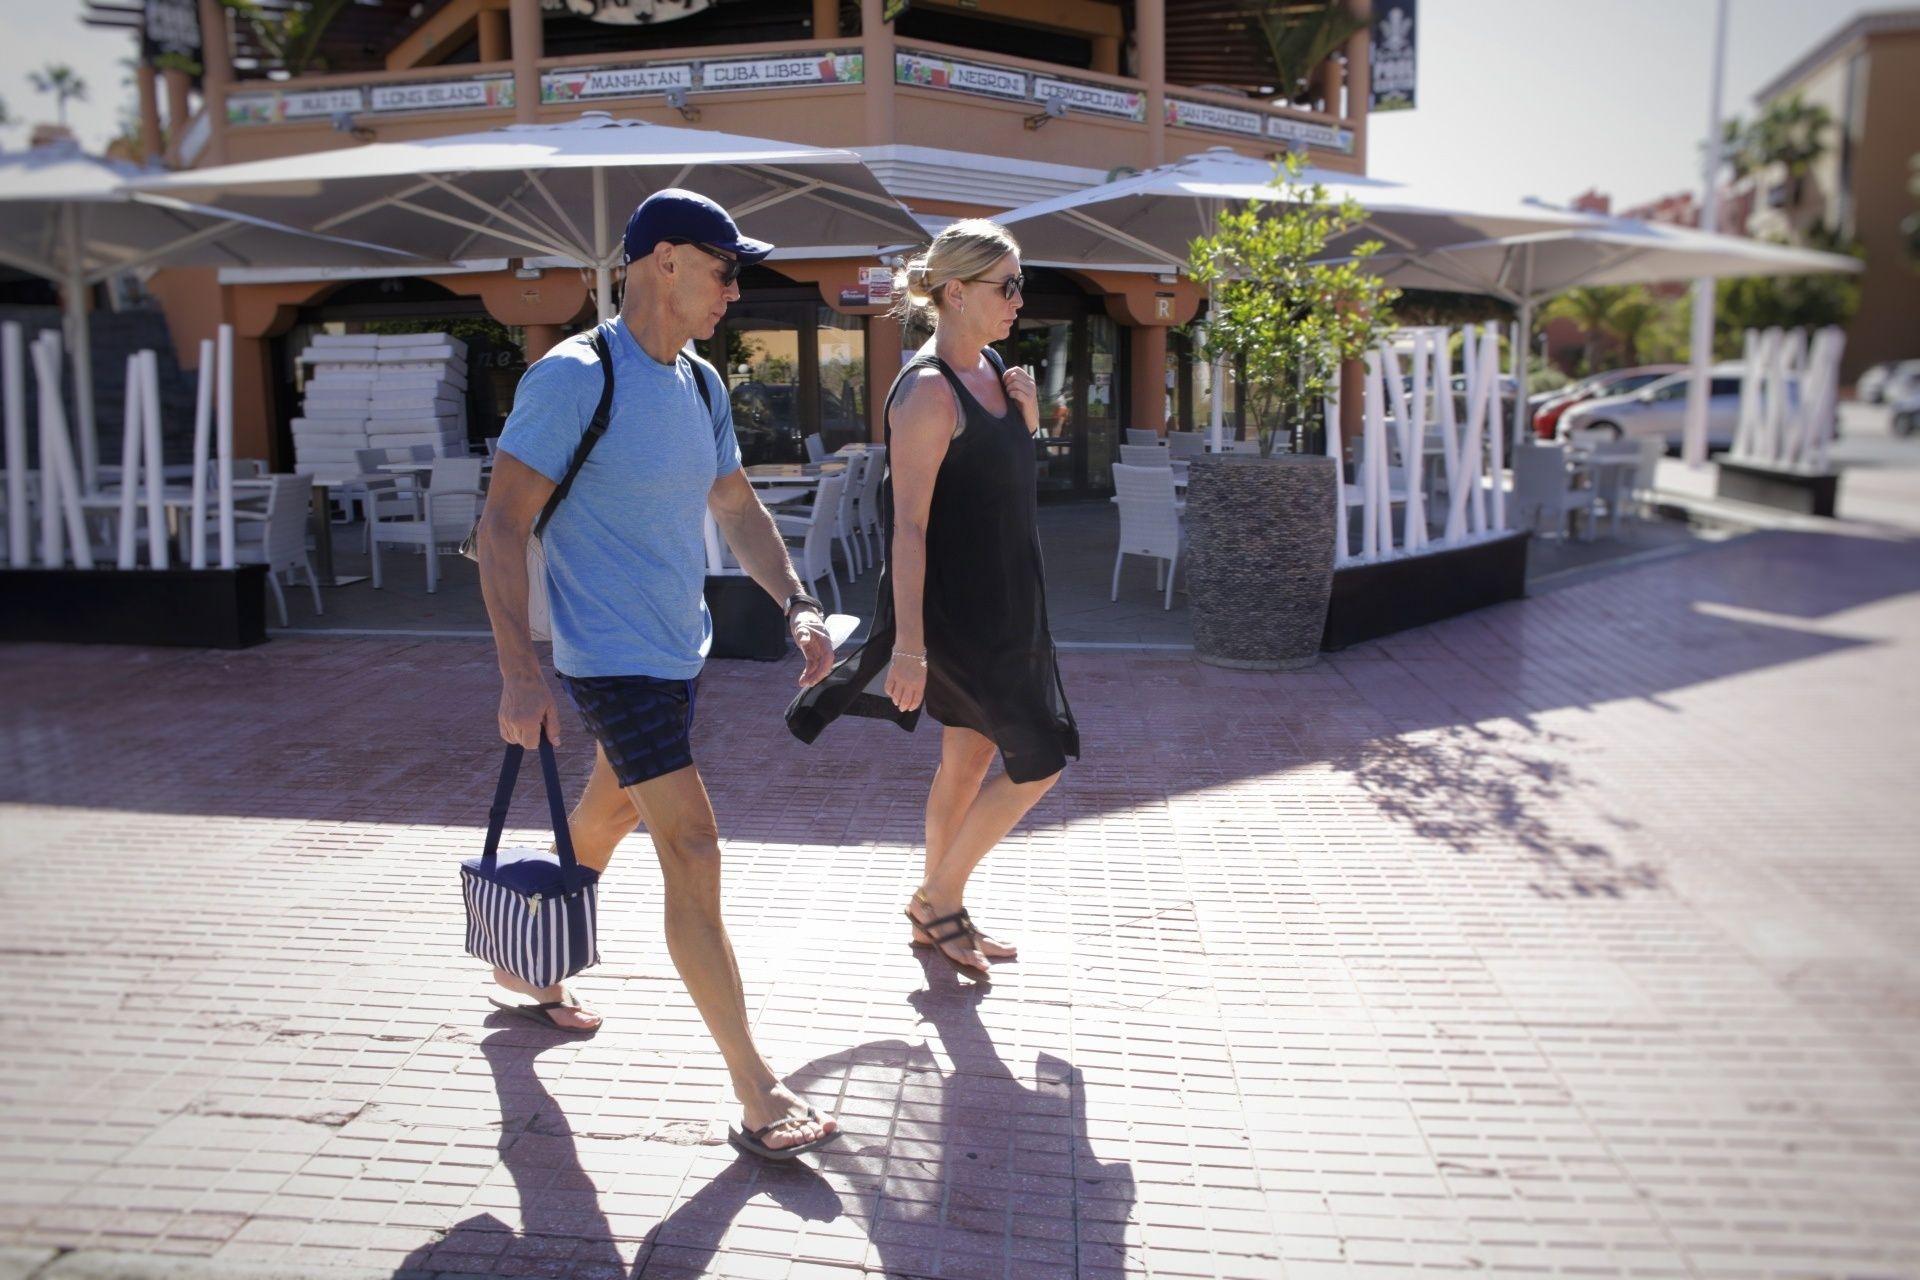 Actividad en el entorno del hotel H10 Costa Adeje un año después de su confinamiento